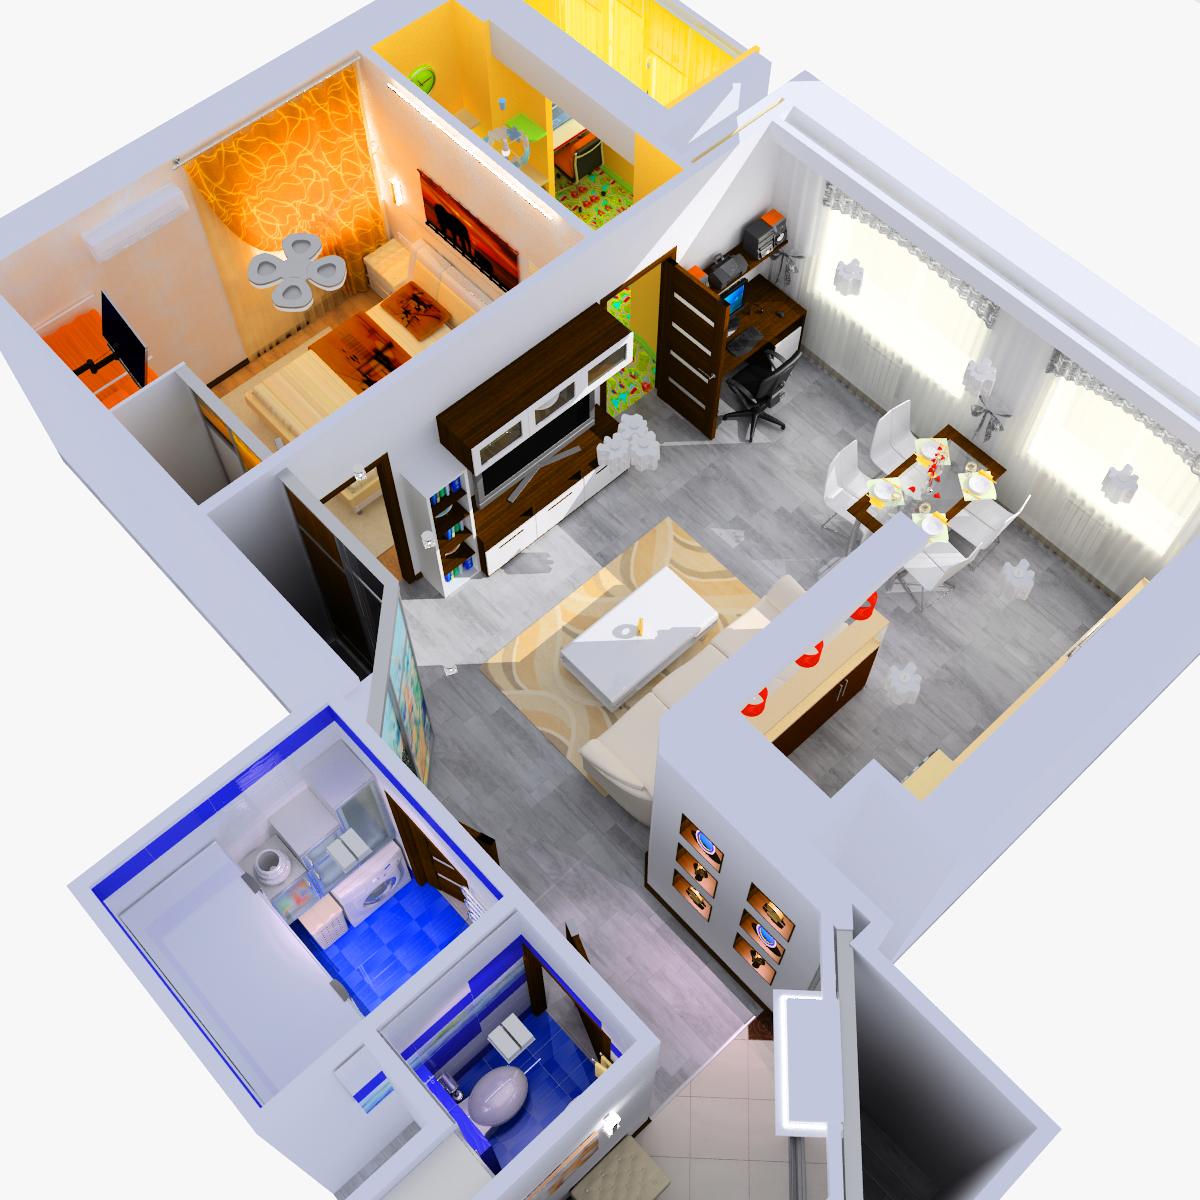 Planos De Cuartos De Bano Pequenos.Apartamento Plano Pequeno Con Muebles Sala De Estar Y Cocina Combinadas Dormitorio Cuarto De Ninos Bano Bano Y Pasillo